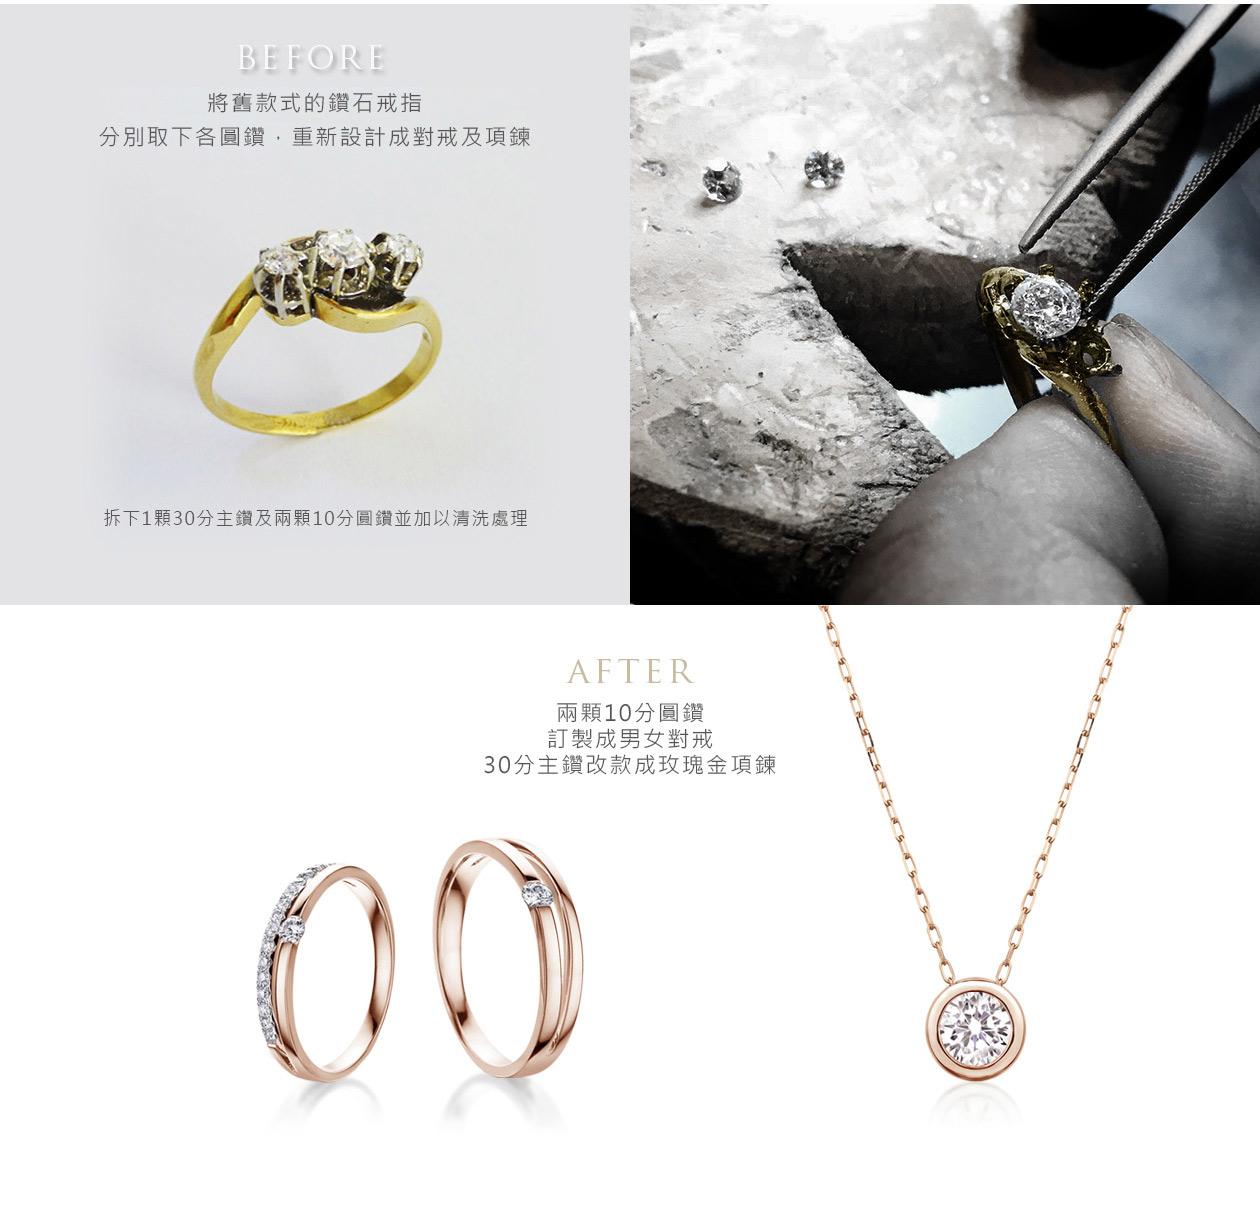 舊鑽戒改款成:結婚對戒,單鑽30分包鑲鑽石項鍊